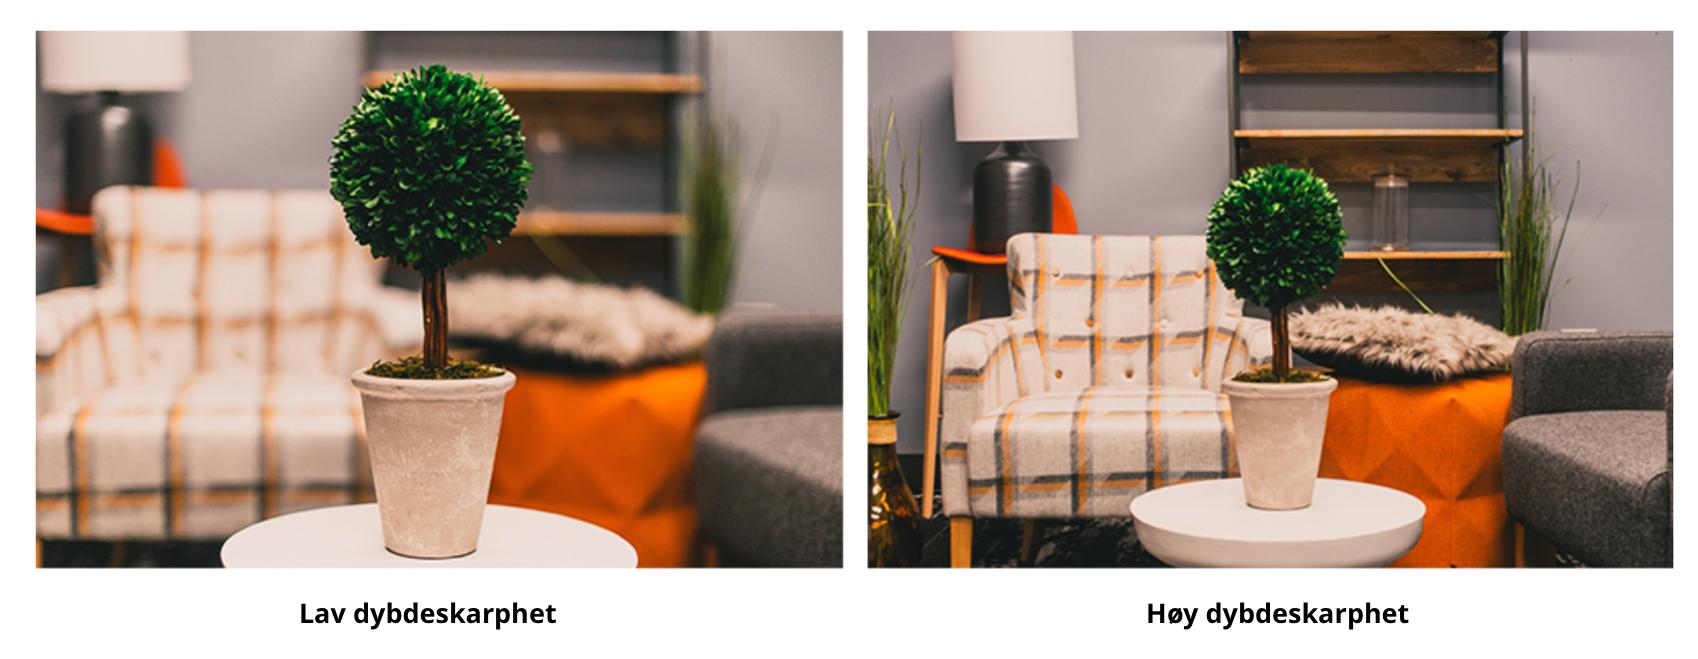 Bilde for å vise forskjellen på lav og høy dybdeskarphet. Tenkt på kamera innstillinger når du tar opp video.